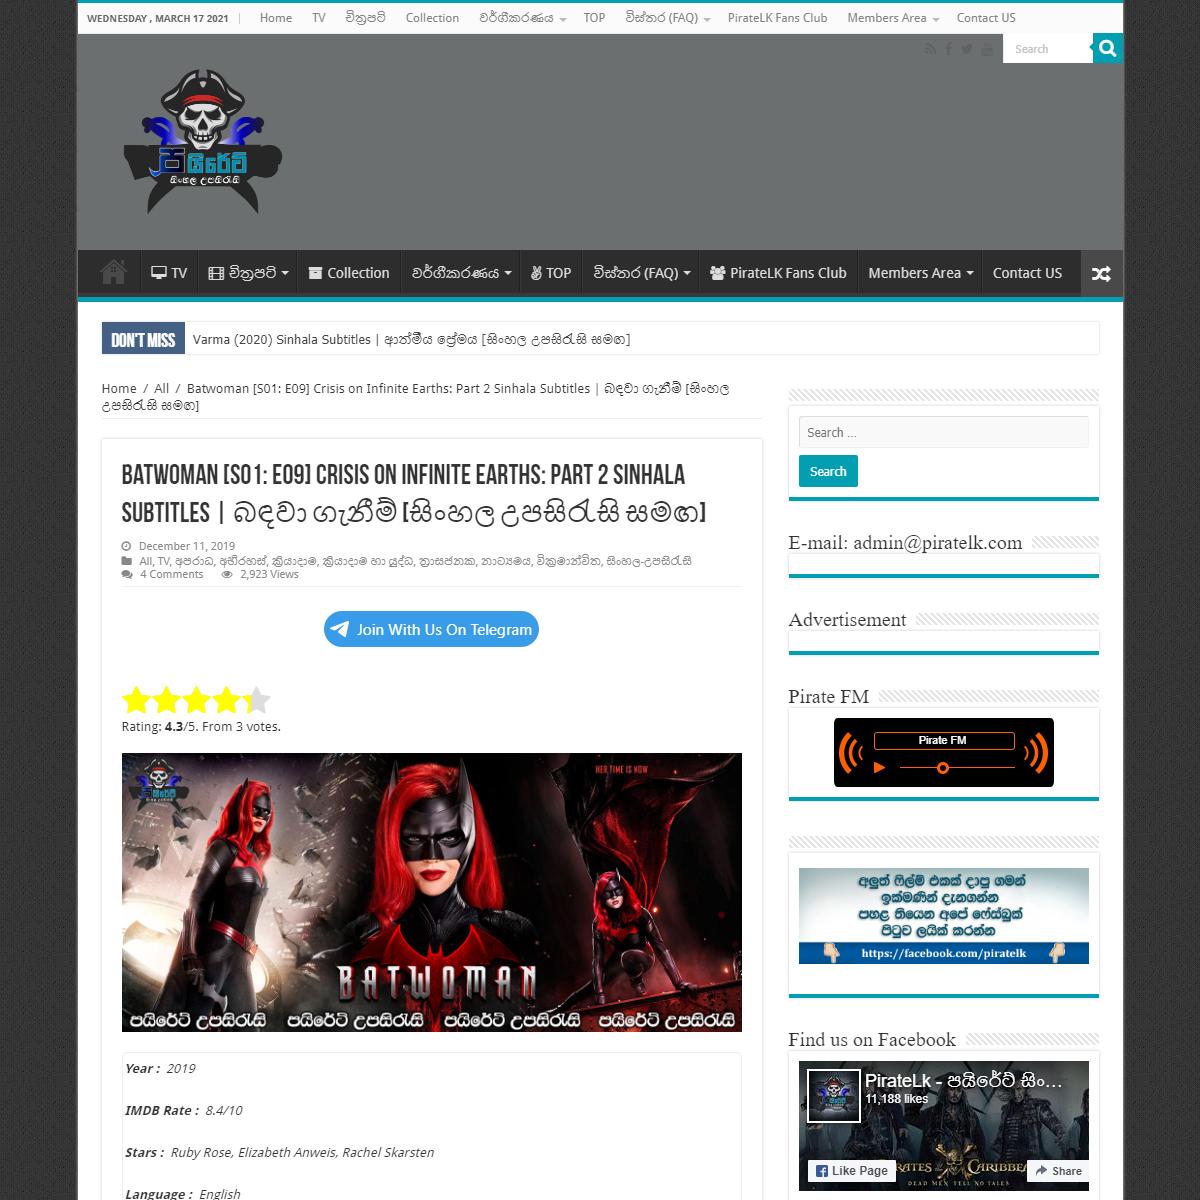 Batwoman [S01- E09] Crisis on Infinite Earths- Part 2 Sinhala Subtitles - බඳවා ගැනීම් [සිංහල උ�